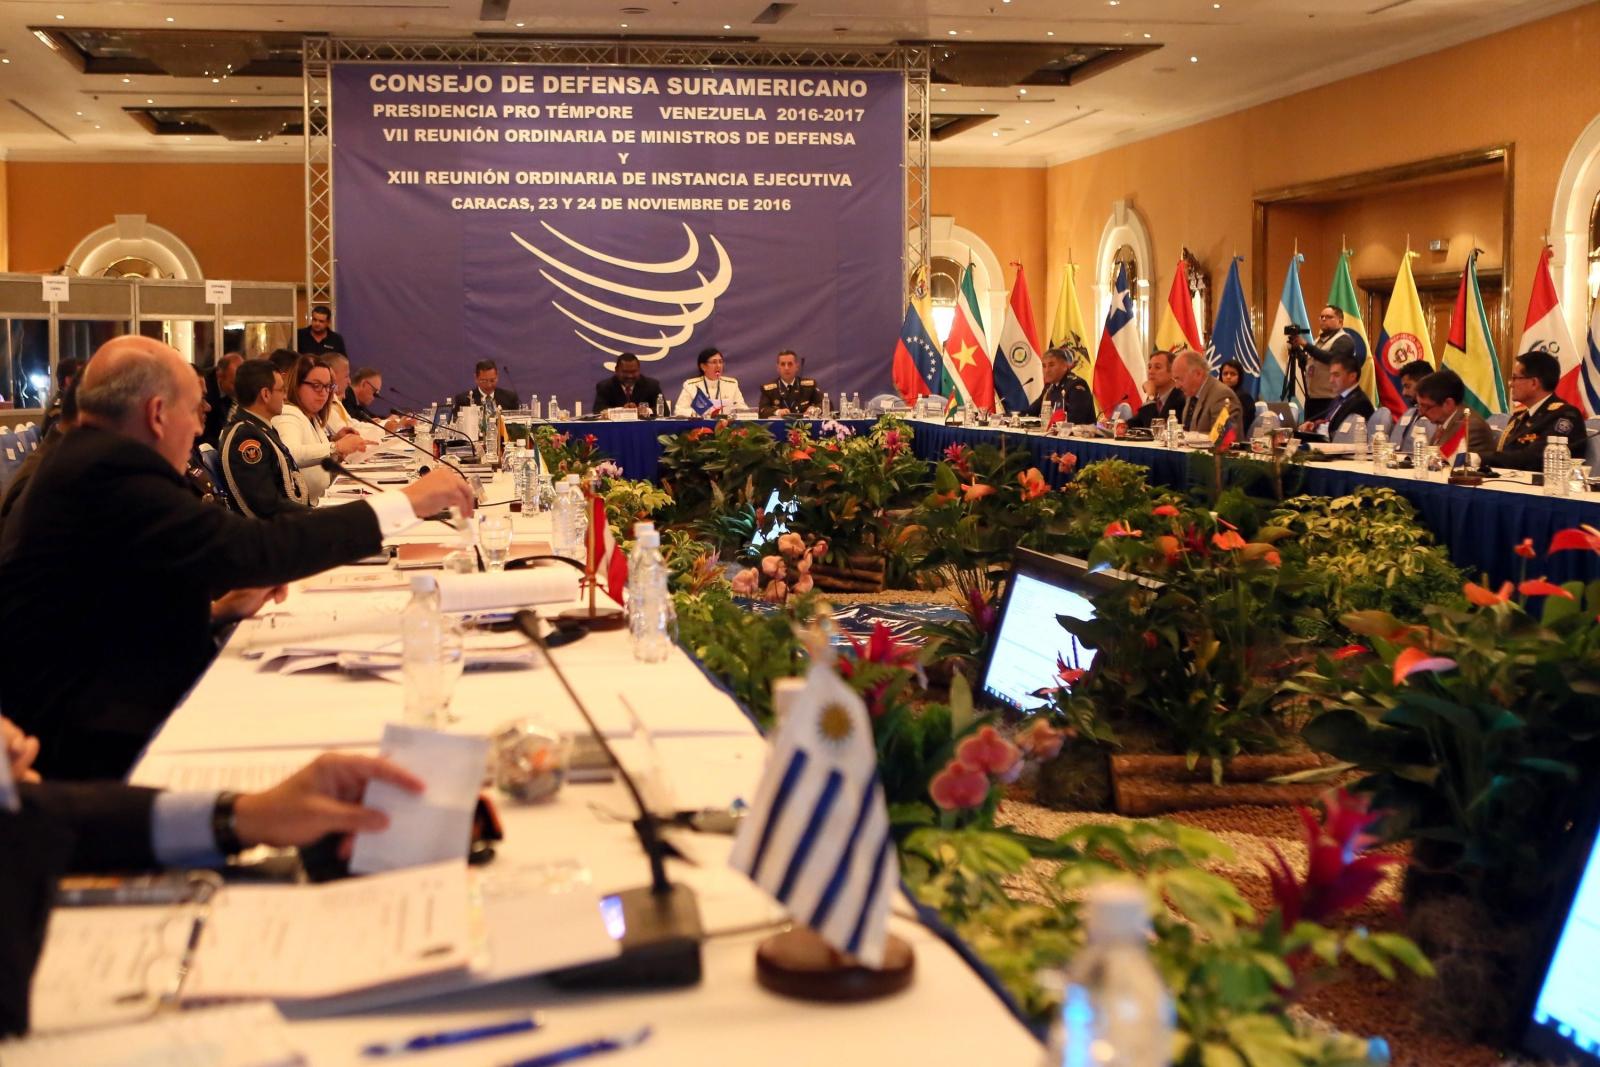 7 zwyczajne posiedzenie Rady Obrony Unii Narodów Ameryki Południowej (UNASUR) w Caracas, w Wenezueli. Fot/ PAP/EPA/VENEZUELAN NEW AGENCY AVN